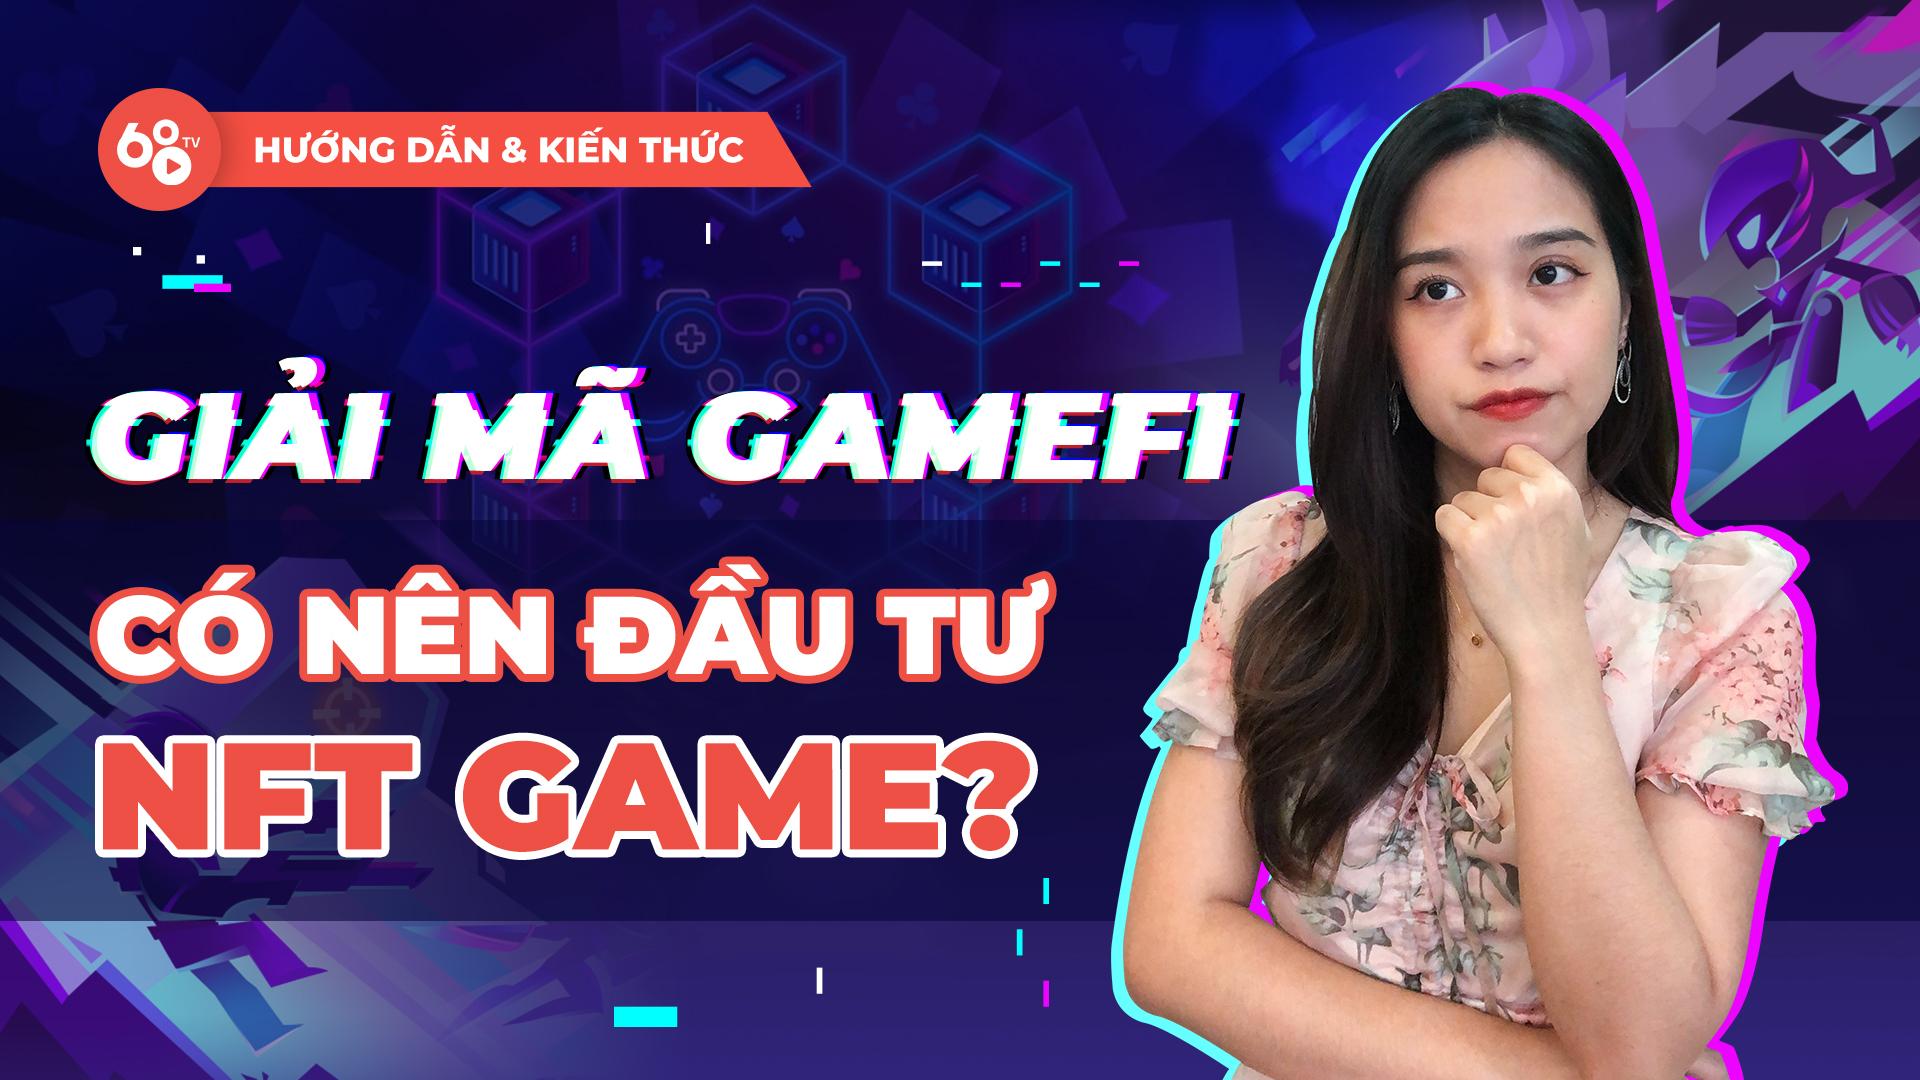 GameFi là gì? Tâm sự về GameFi và NFT Blockchain Game – Liệu còn nên đầu tư vào dự án NFT Game không?